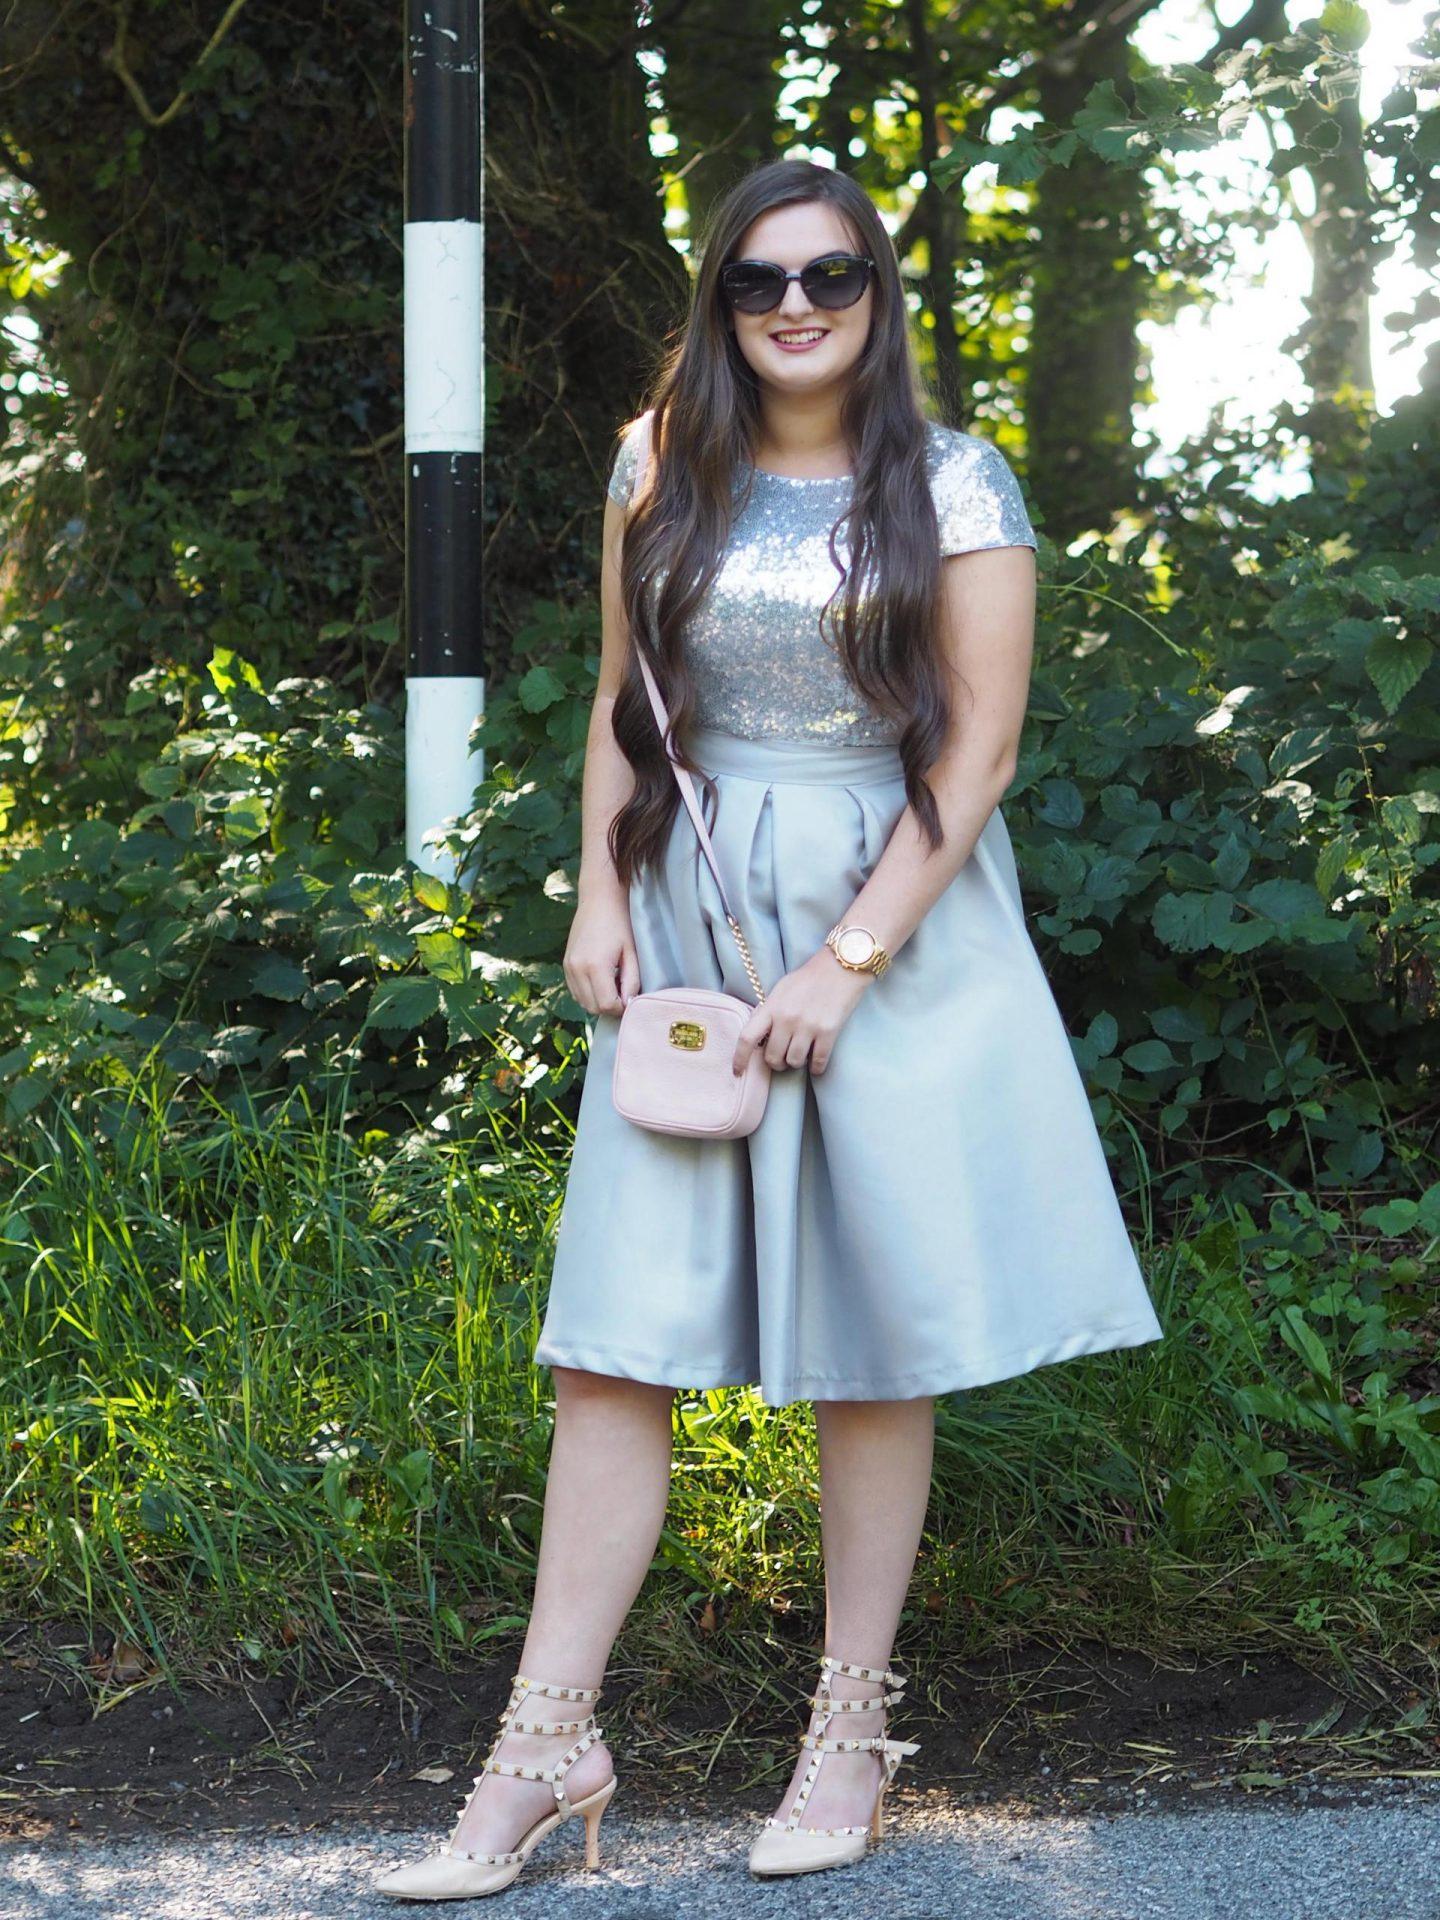 quiz-clothing-festive-sparkle-dress-rachel-nicole-uk-fashion-blogger-1